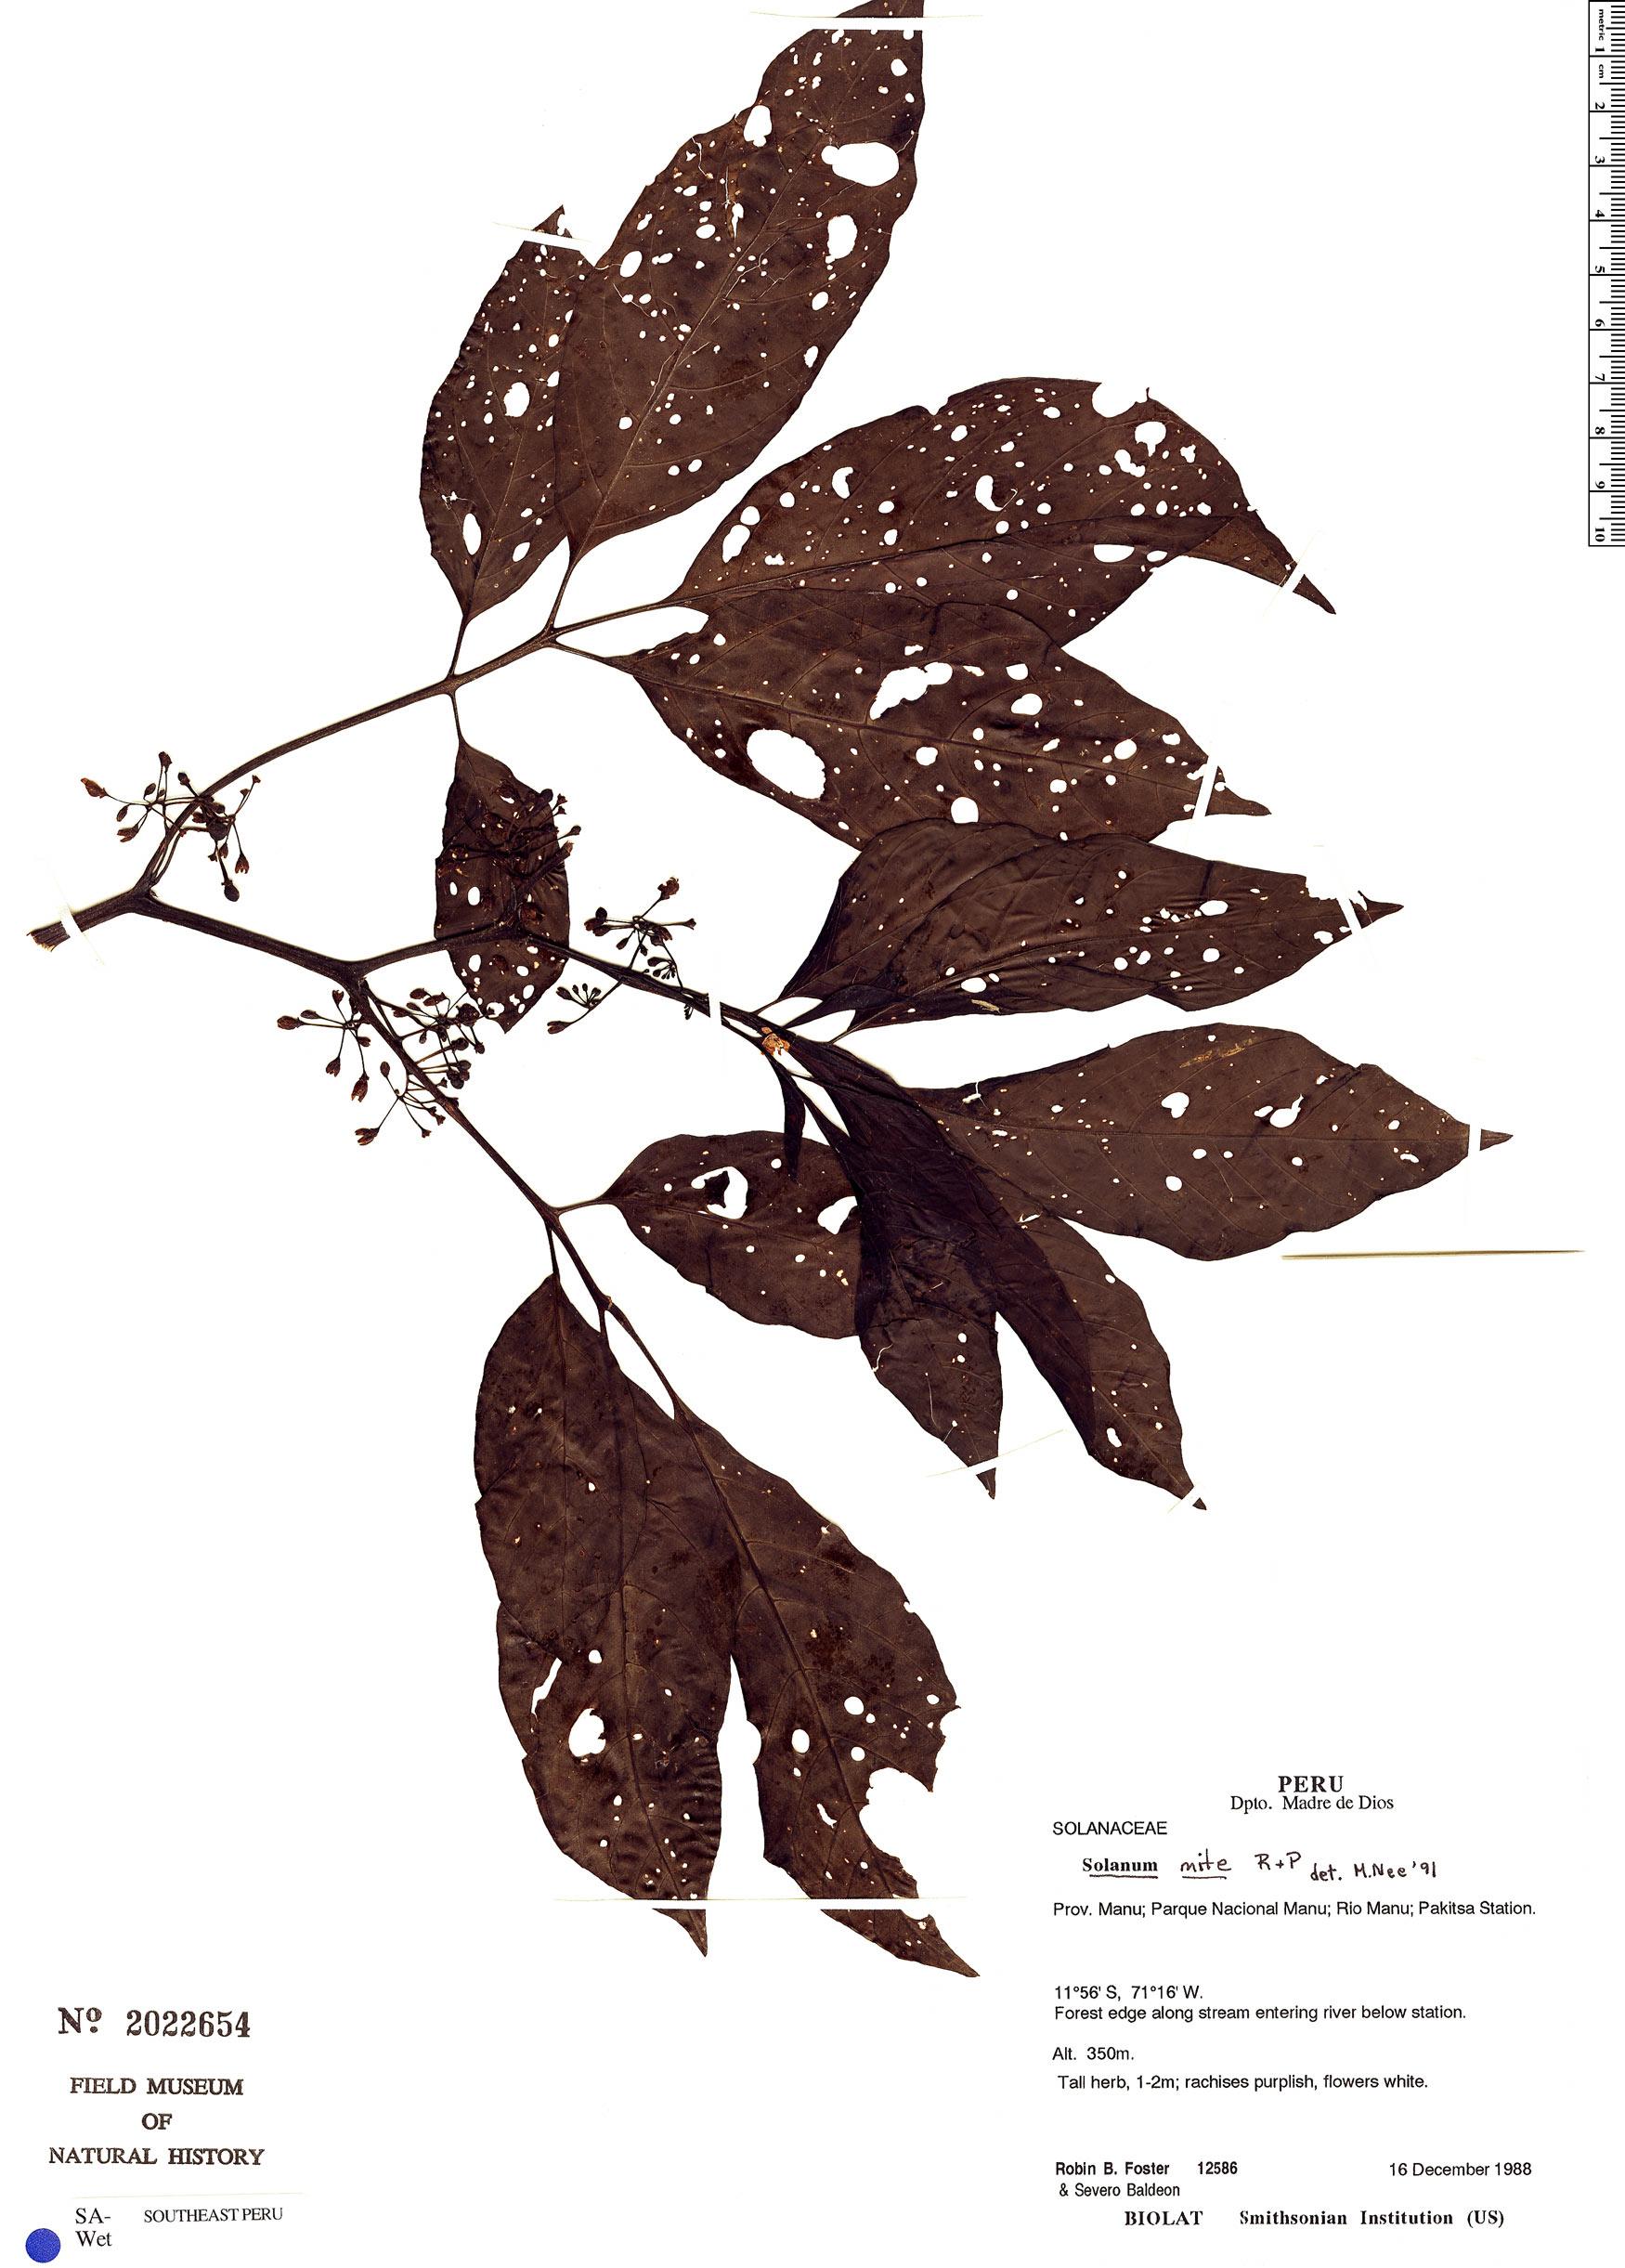 Specimen: Solanum mite